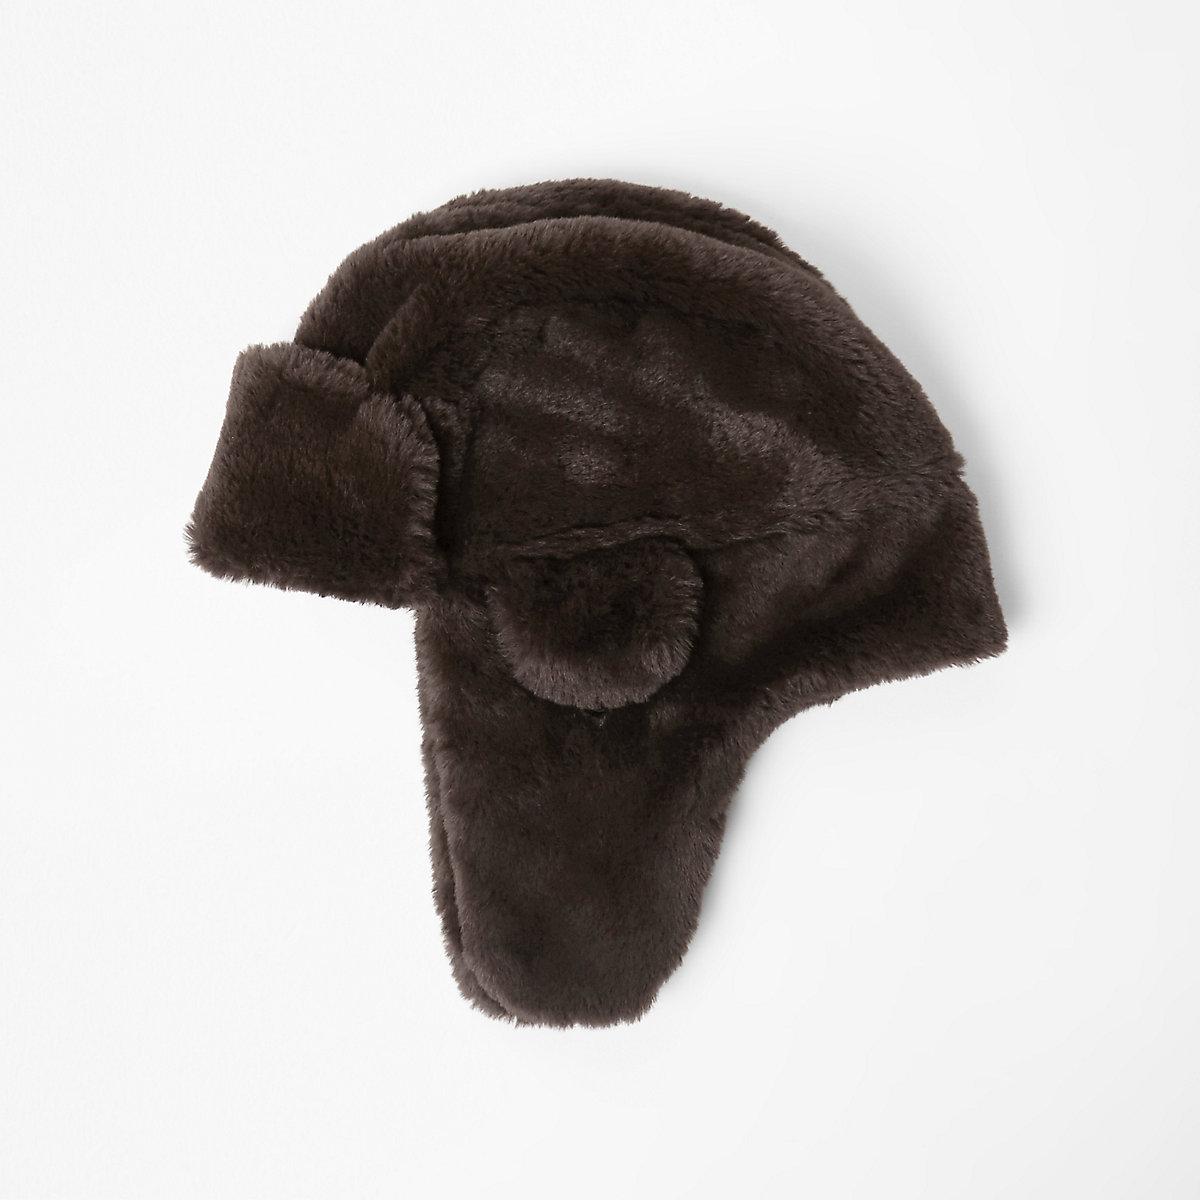 Brauner Hut mit Kunstfell